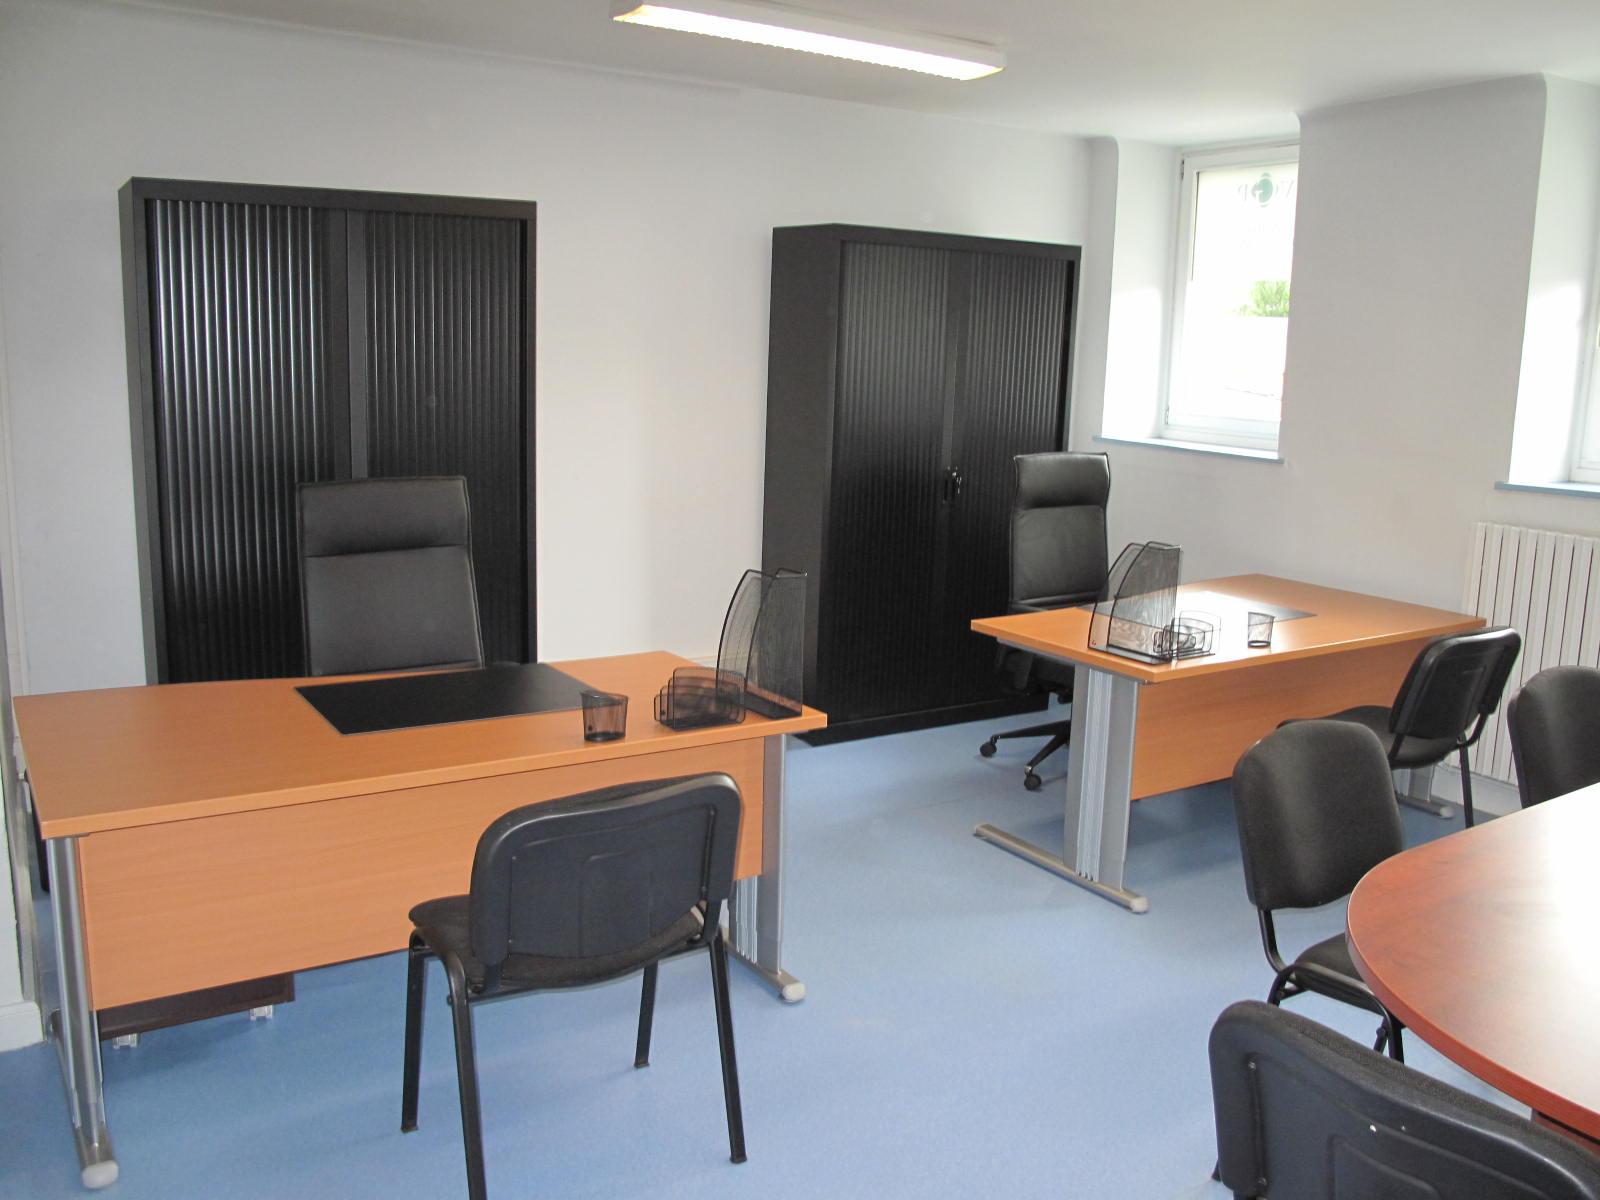 Location de bureaux équipés valenciennes